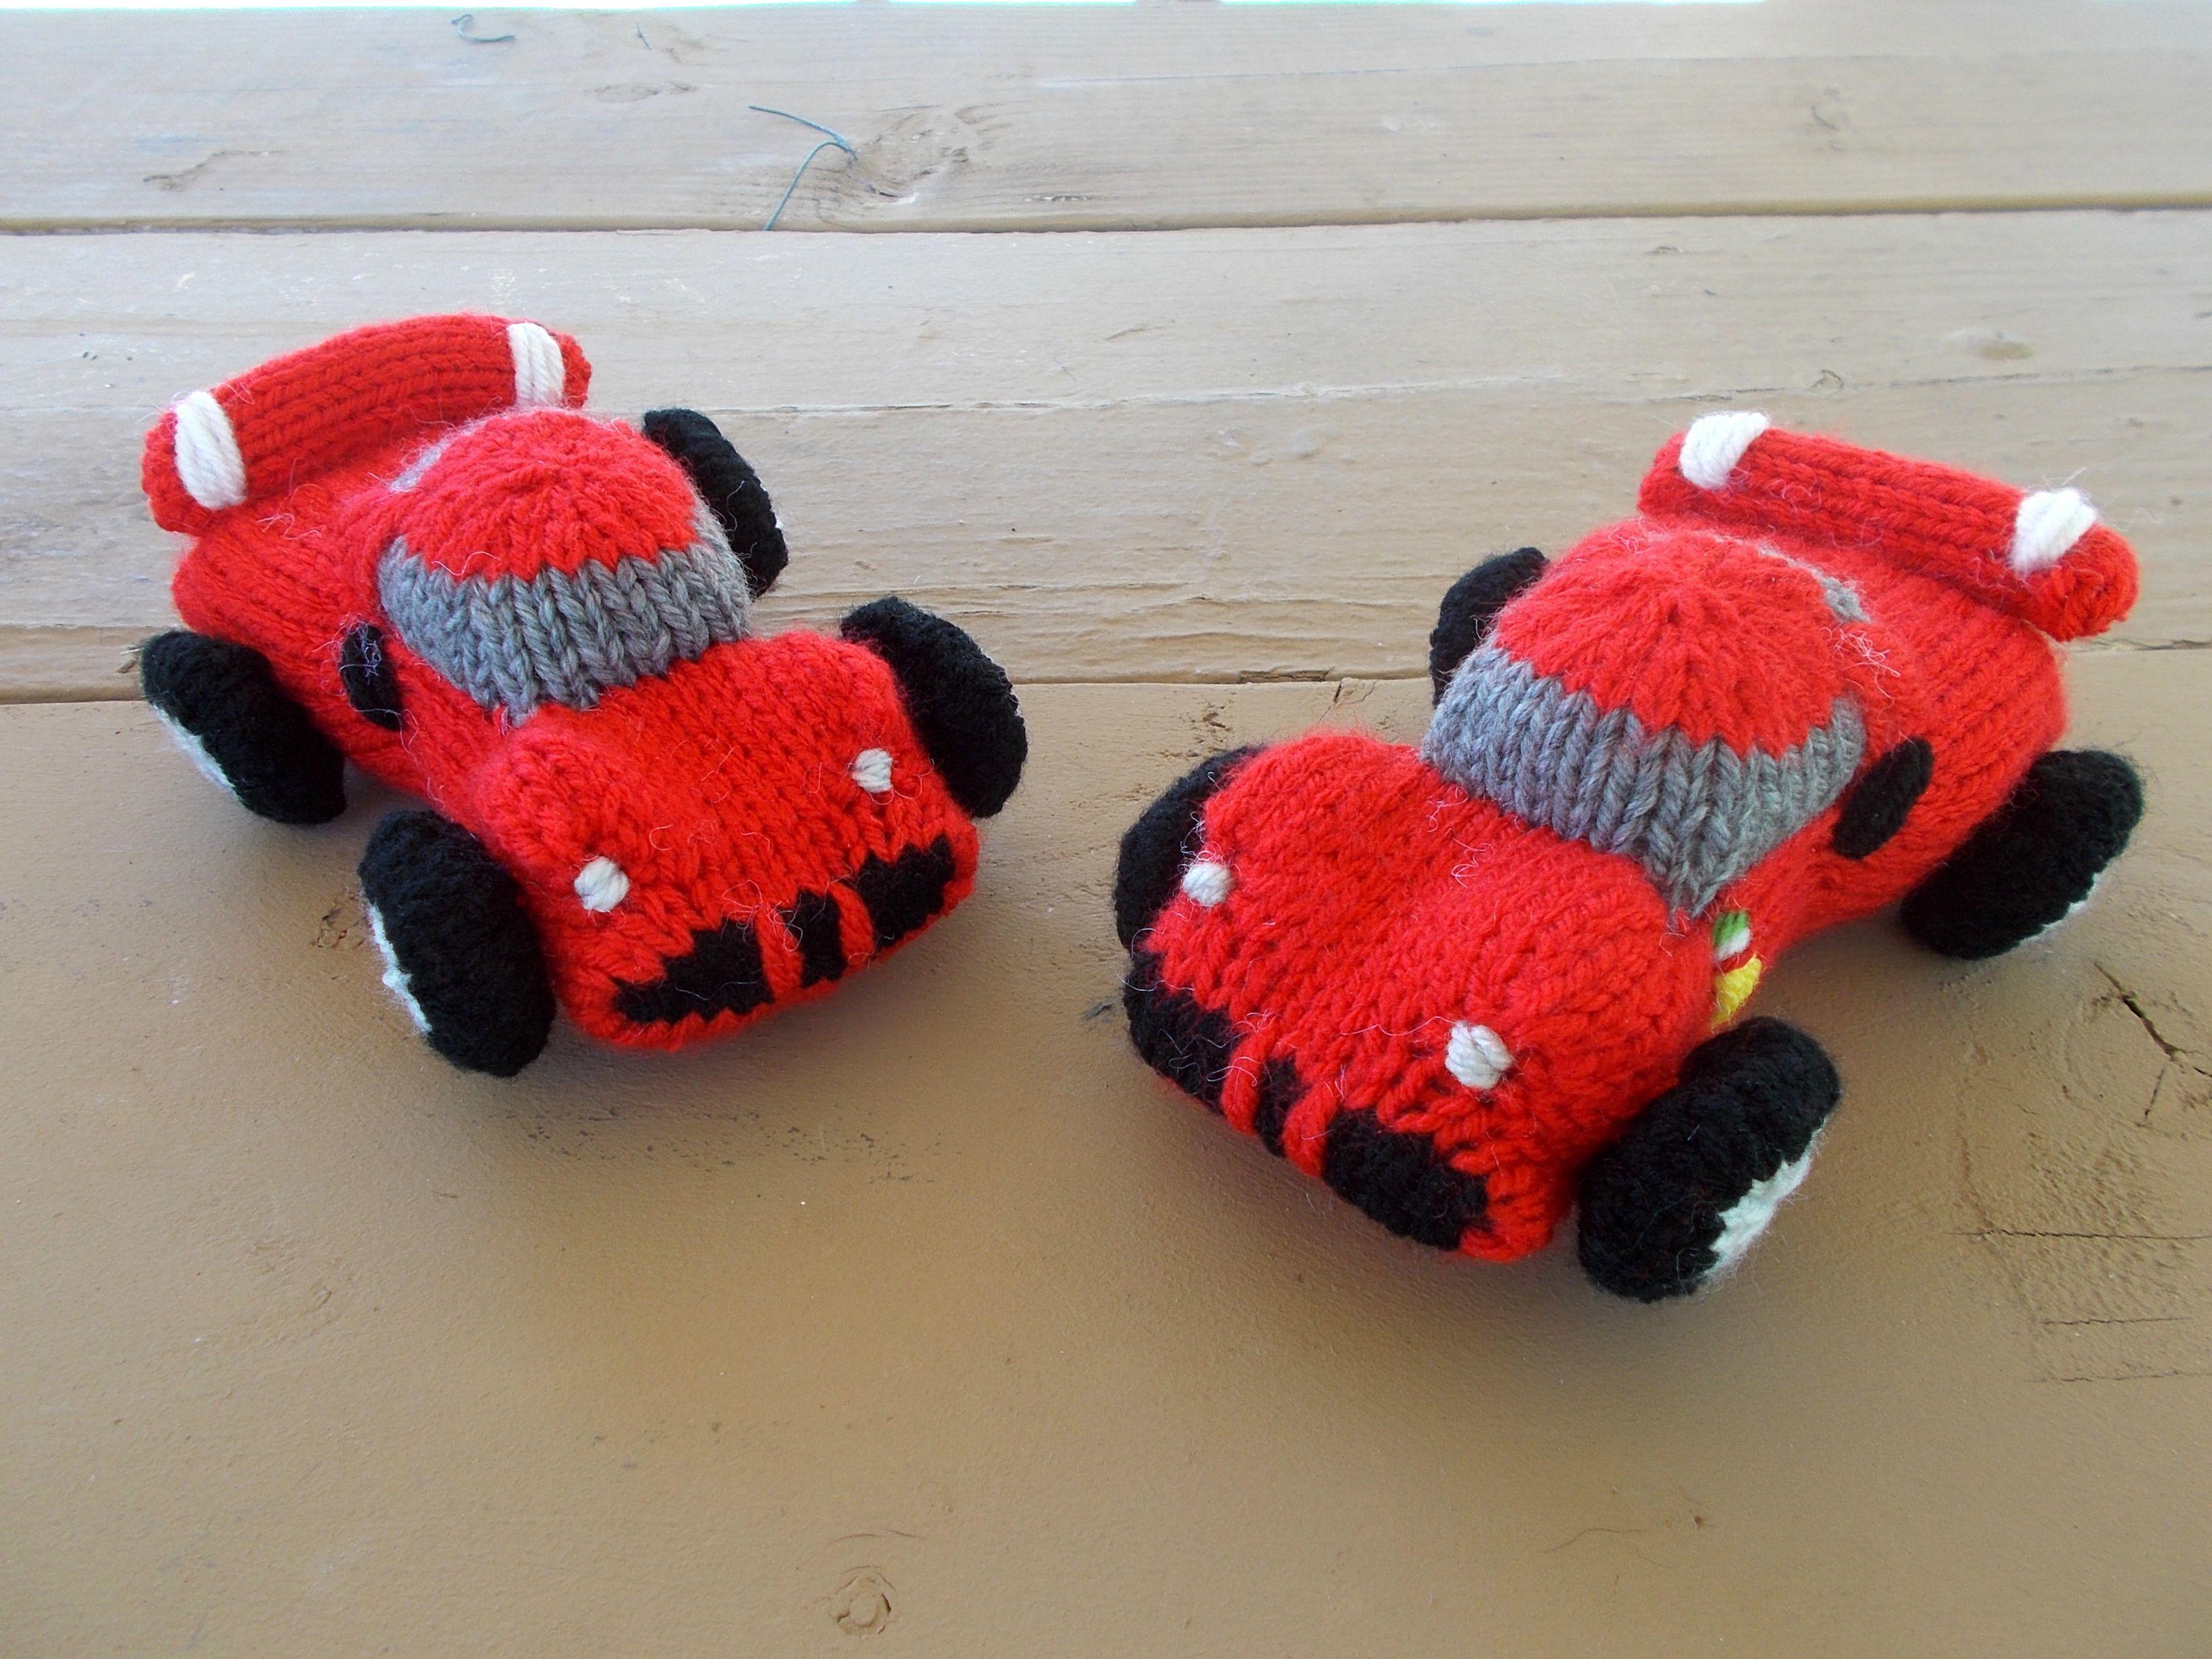 Amigurumi Patterns Cars : Free pattern fridays u2013 knitted u201cferrariu201d sports car! sports cars